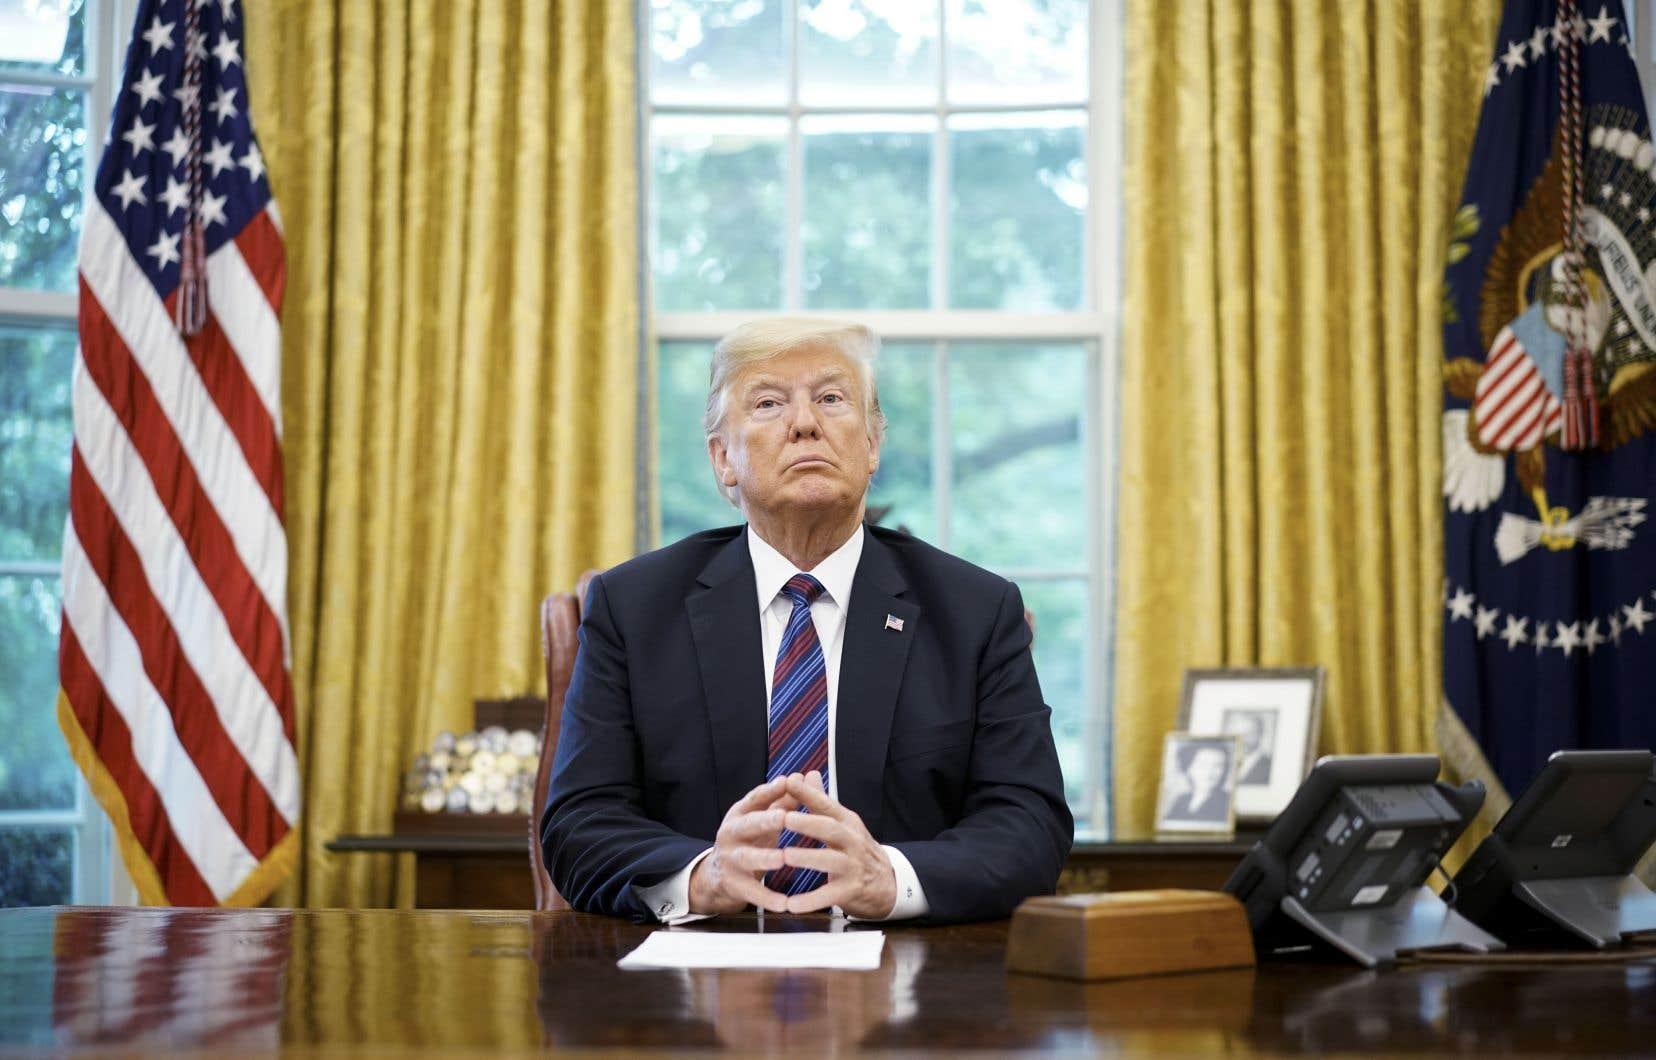 Donald Trump a déclaré samedi qu'il n'y avait «aucune nécessité sur le plan politique» d'inclure le Canada dans la nouvelle version de l'ALENA.